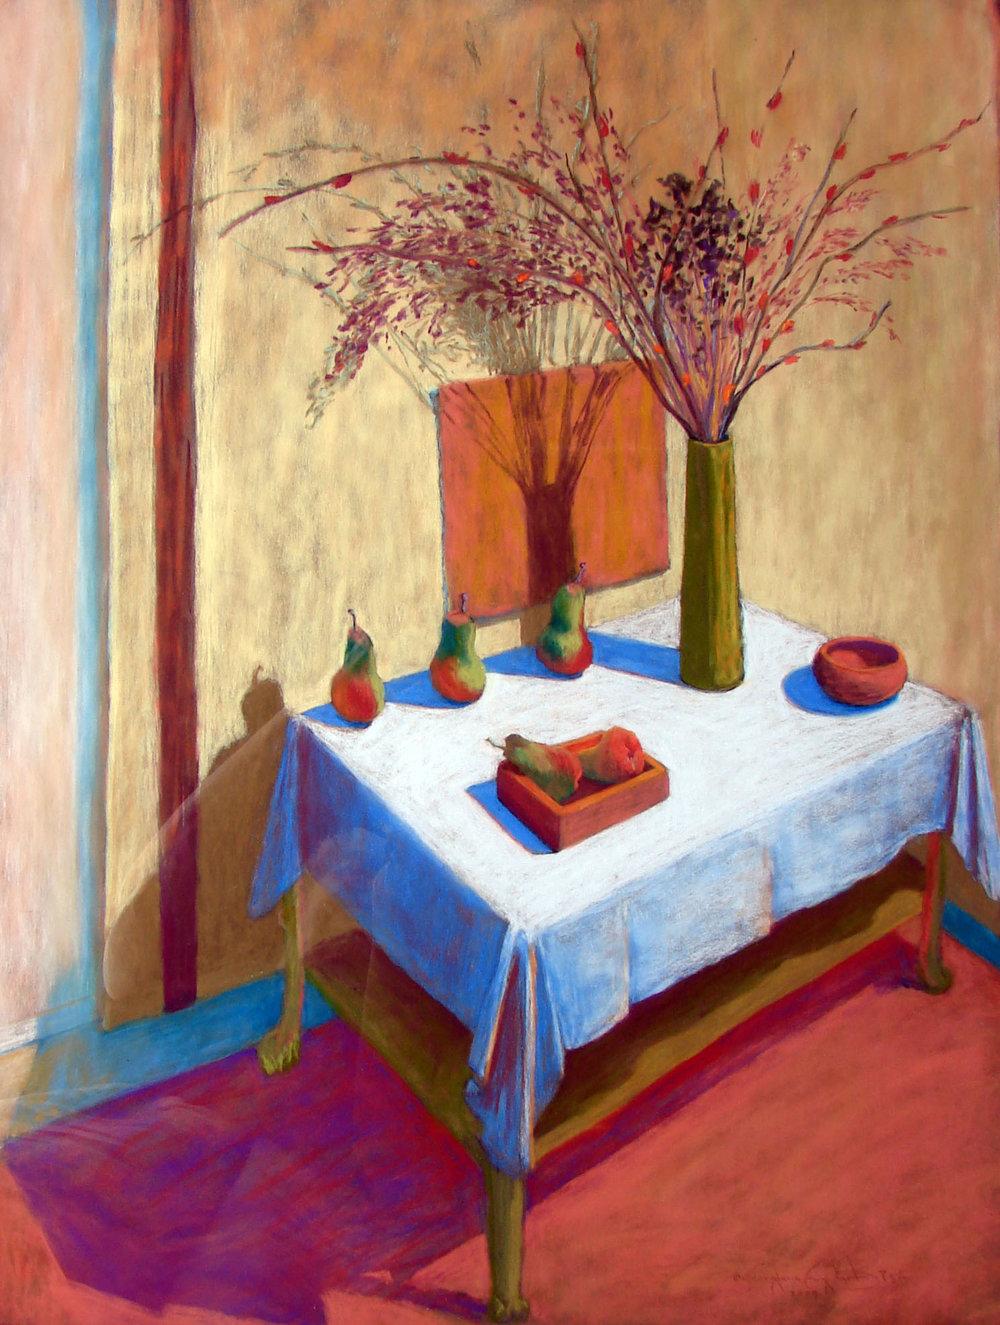 PEAR TABLE